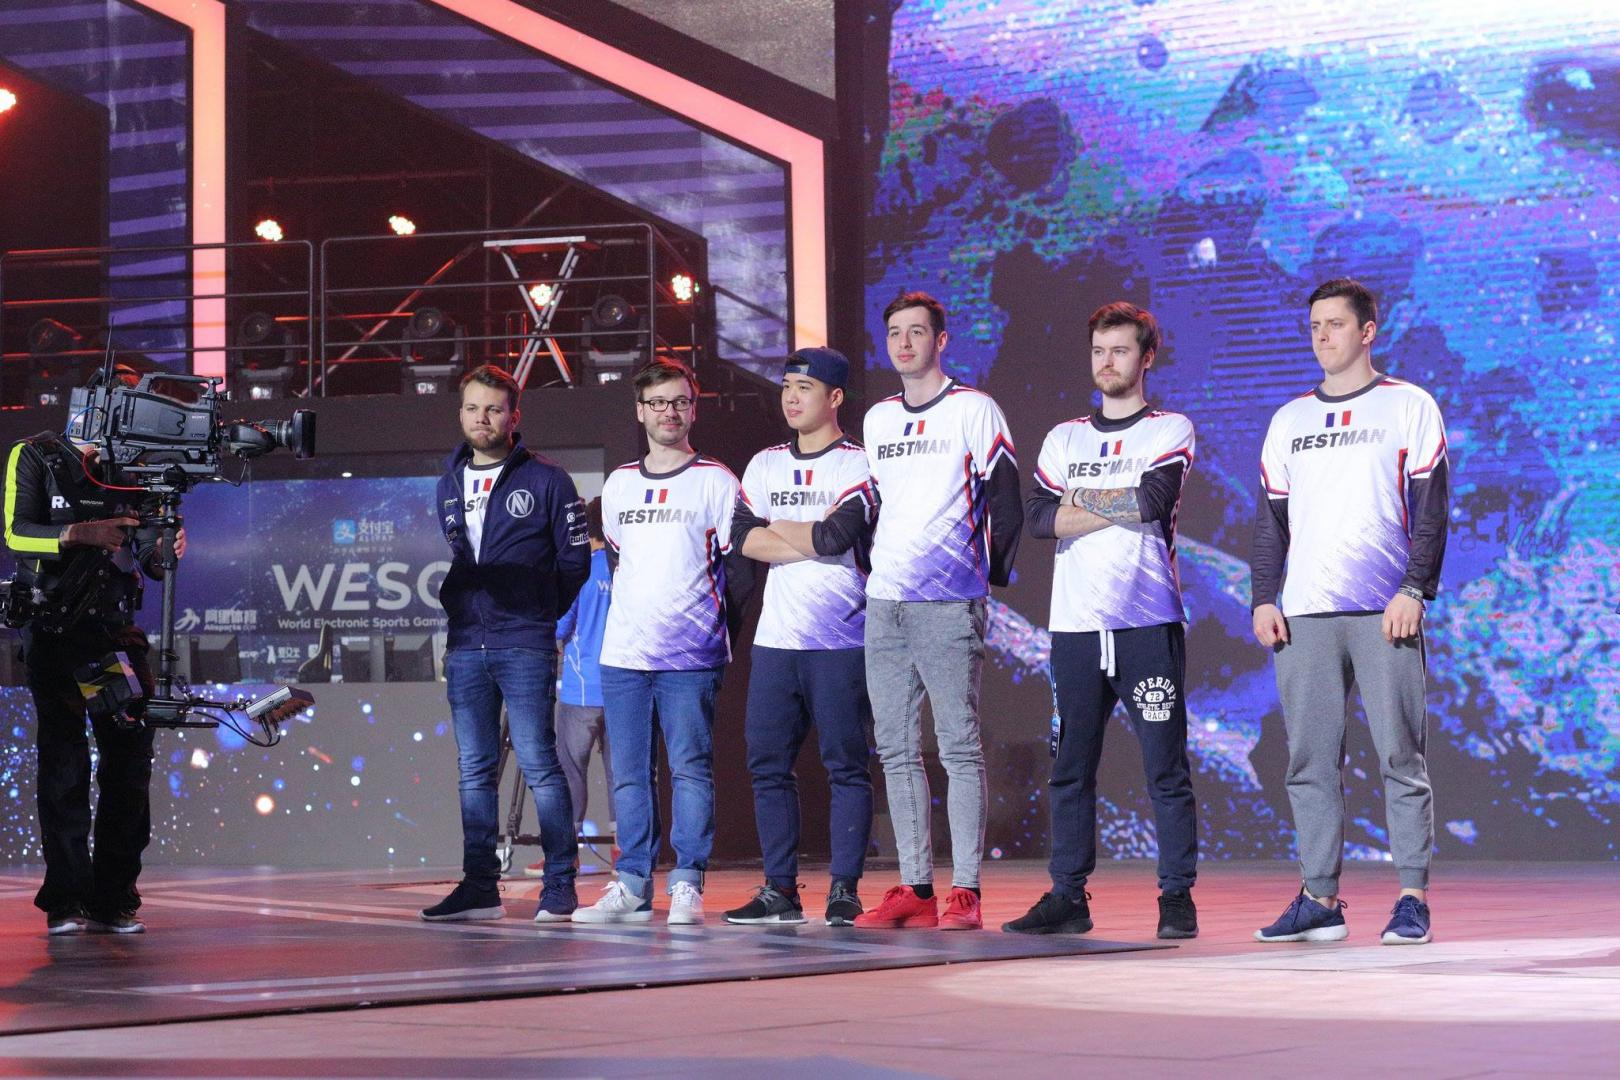 EnVyUs, som vann hela turneringen, kunde delta med sina ordinarie femma då alla kommer från Frankrike. Foto: WESG